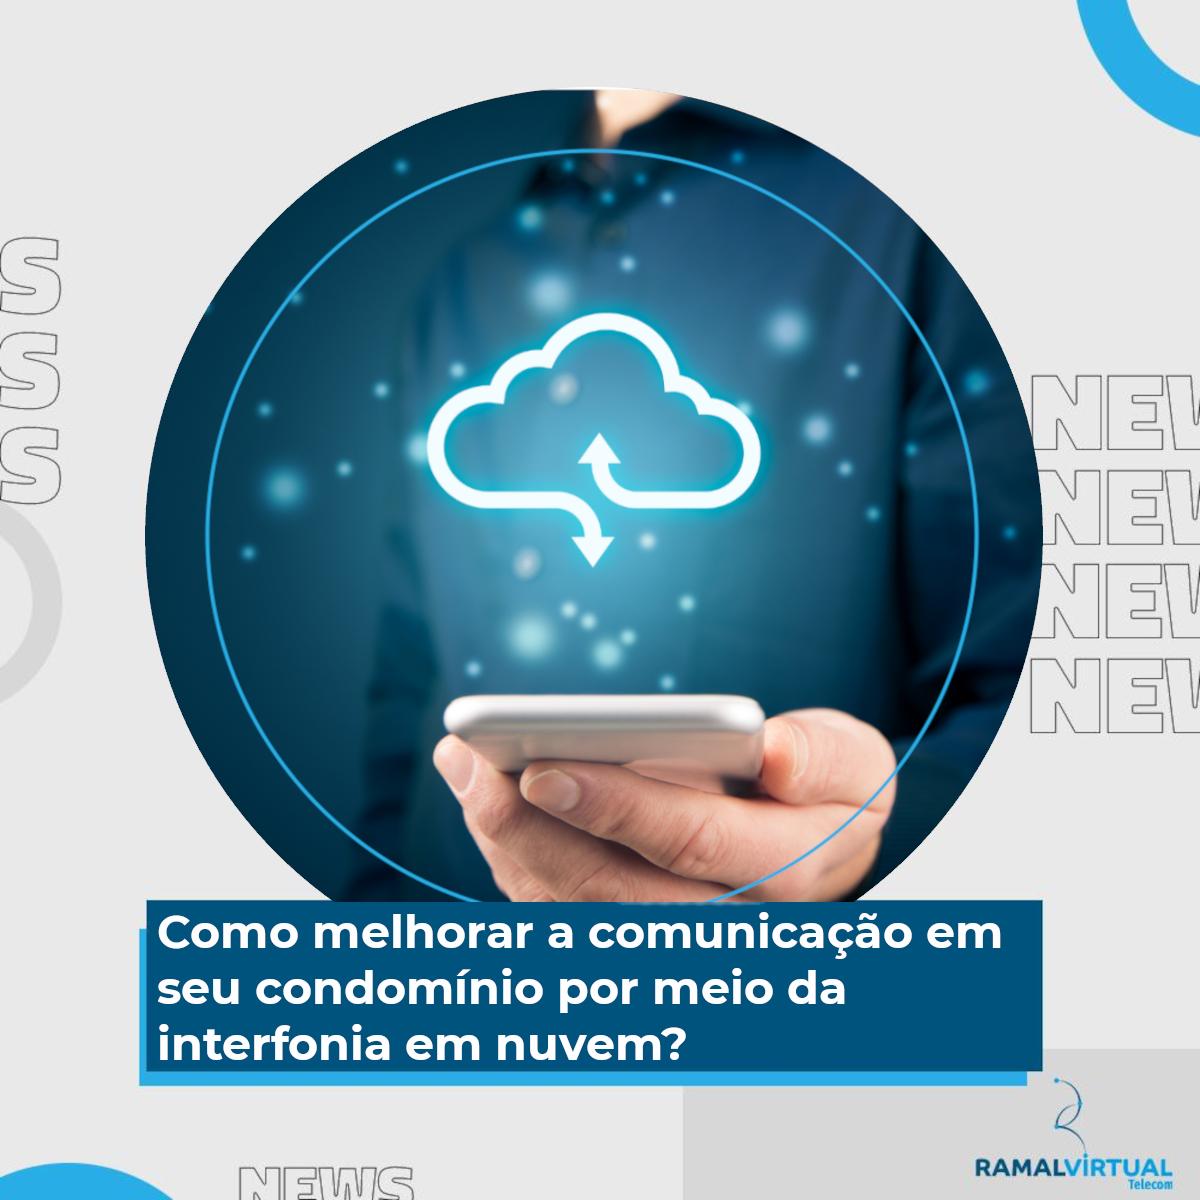 [Como melhorar a comunicação em seu condomínio por meio da interfonia em nuvem?]